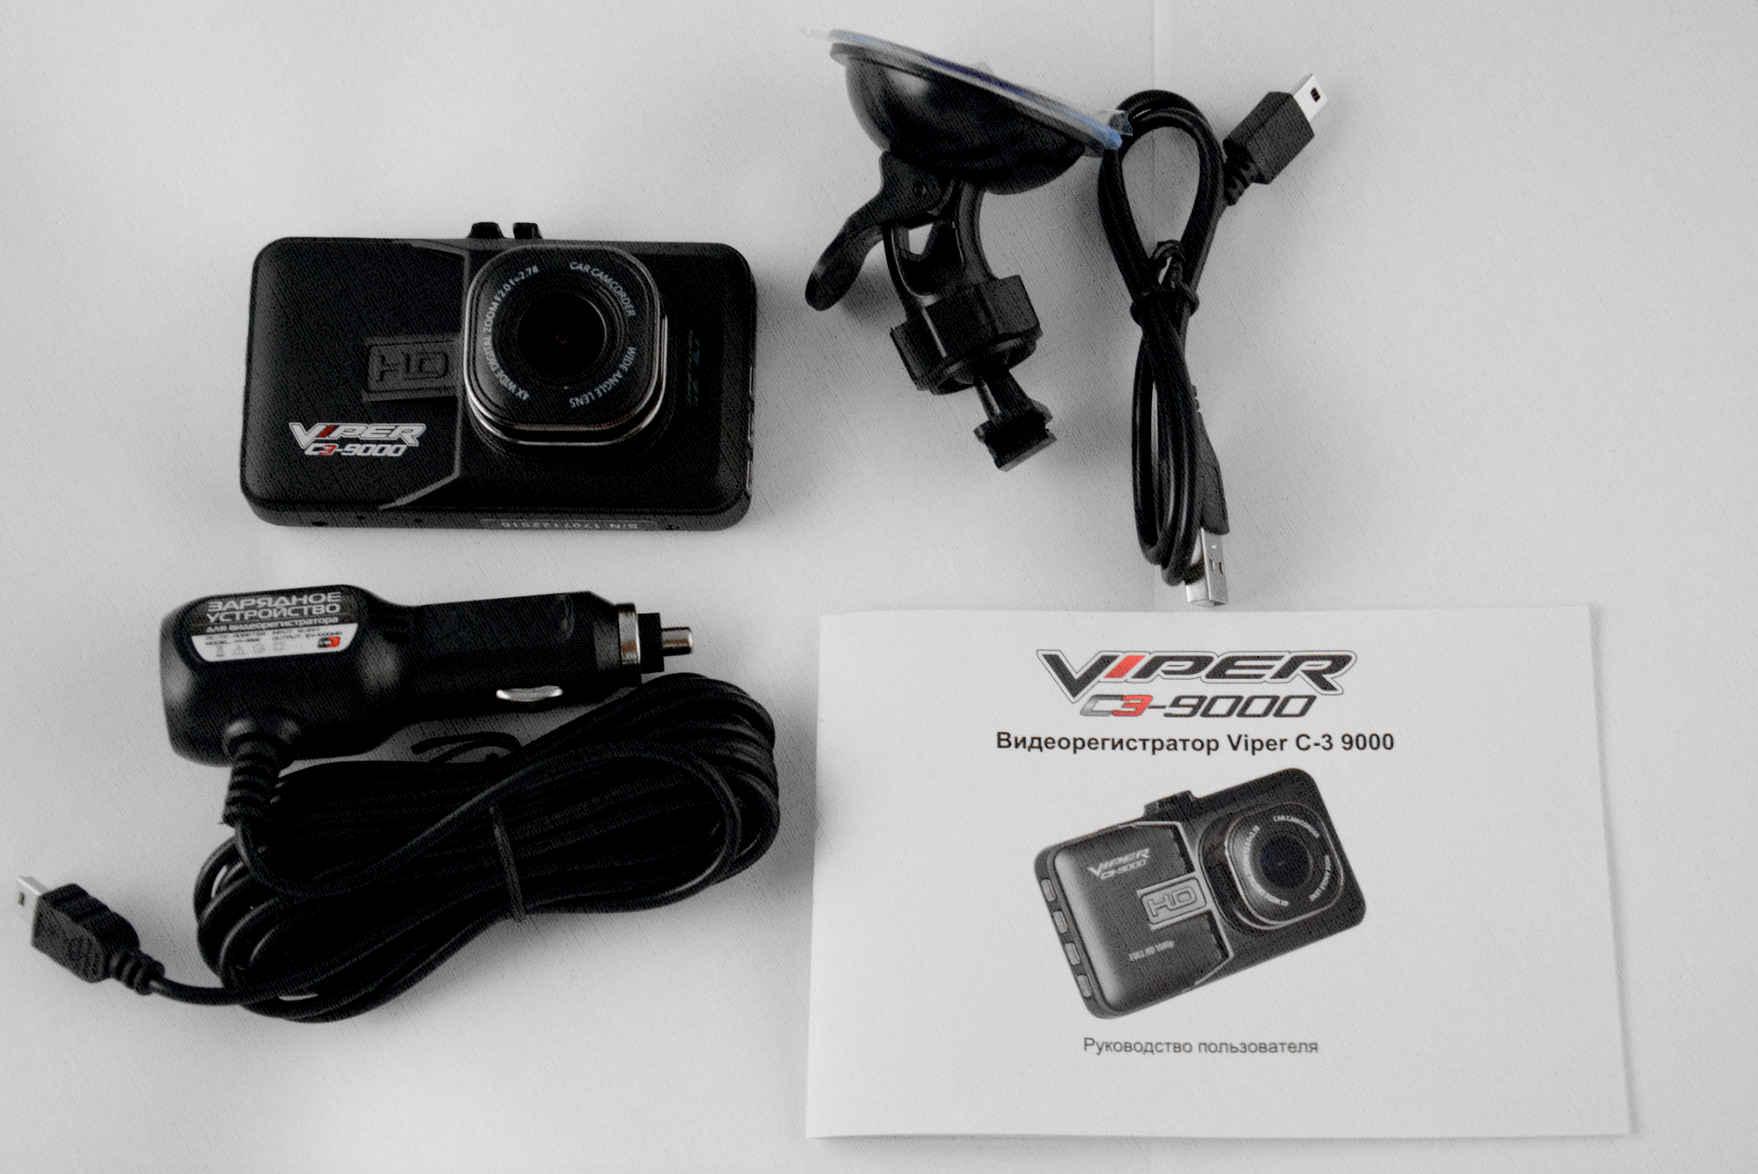 VIPER C3-9000 лучший 2020 года